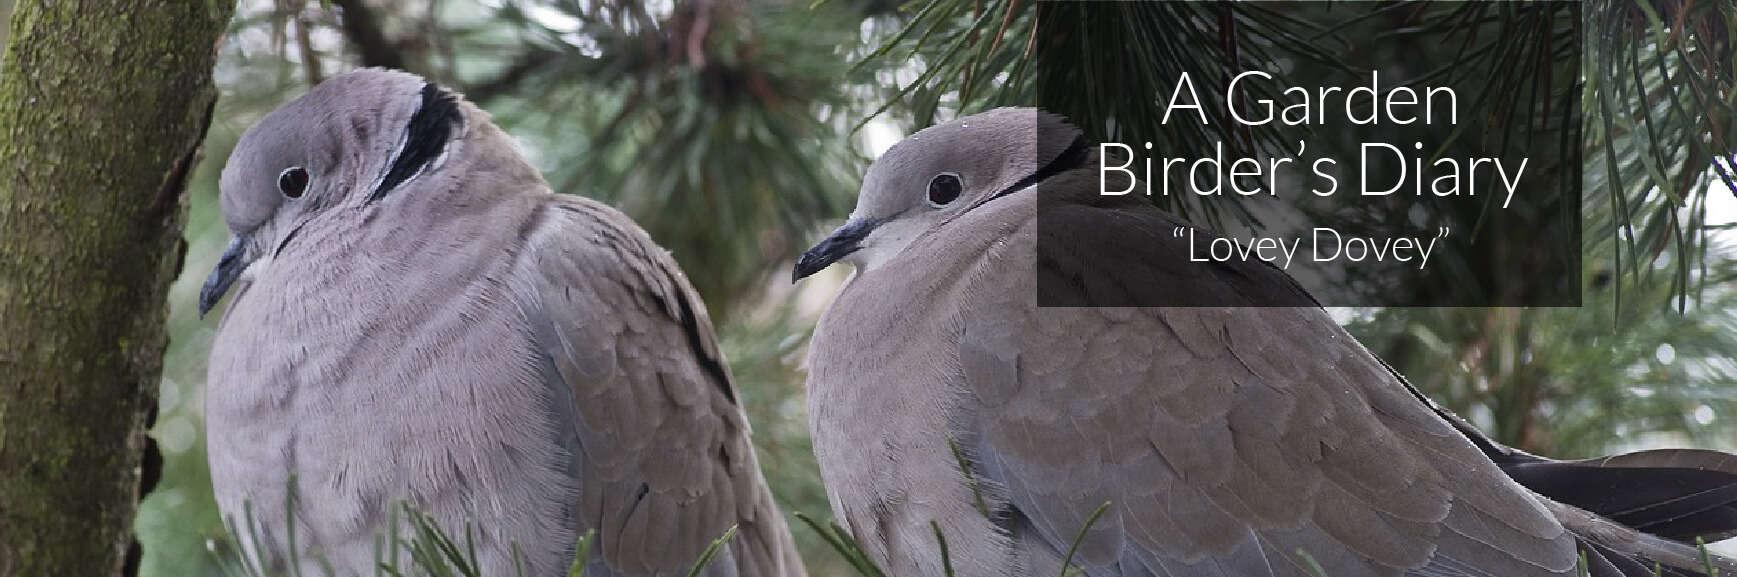 A Garden Birder's Diary – Lovey Dovey